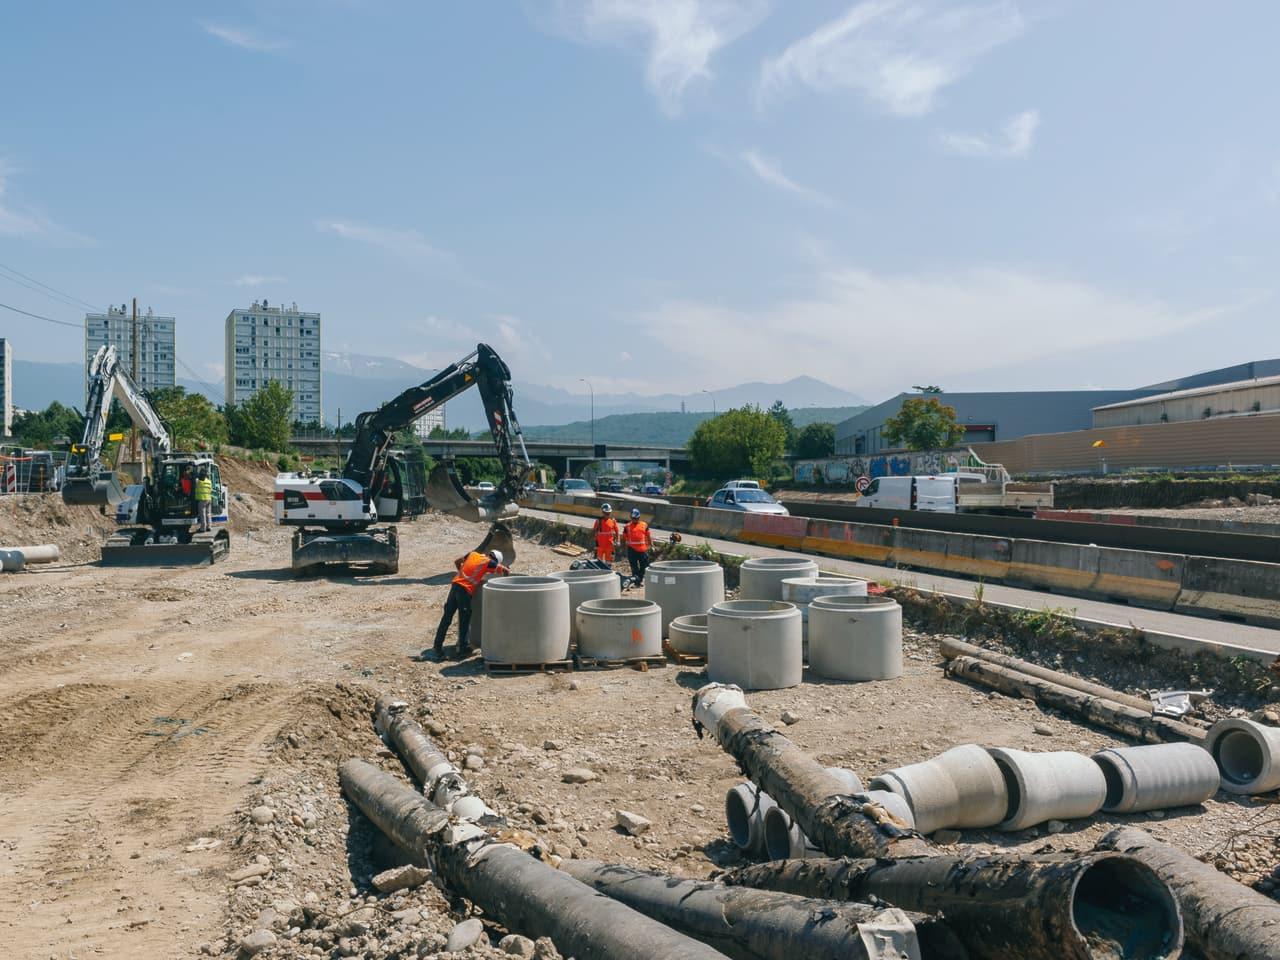 Travaux sur la N87 par les équipes de la DREAL dans le cadre de l'aménagement du Rondeau